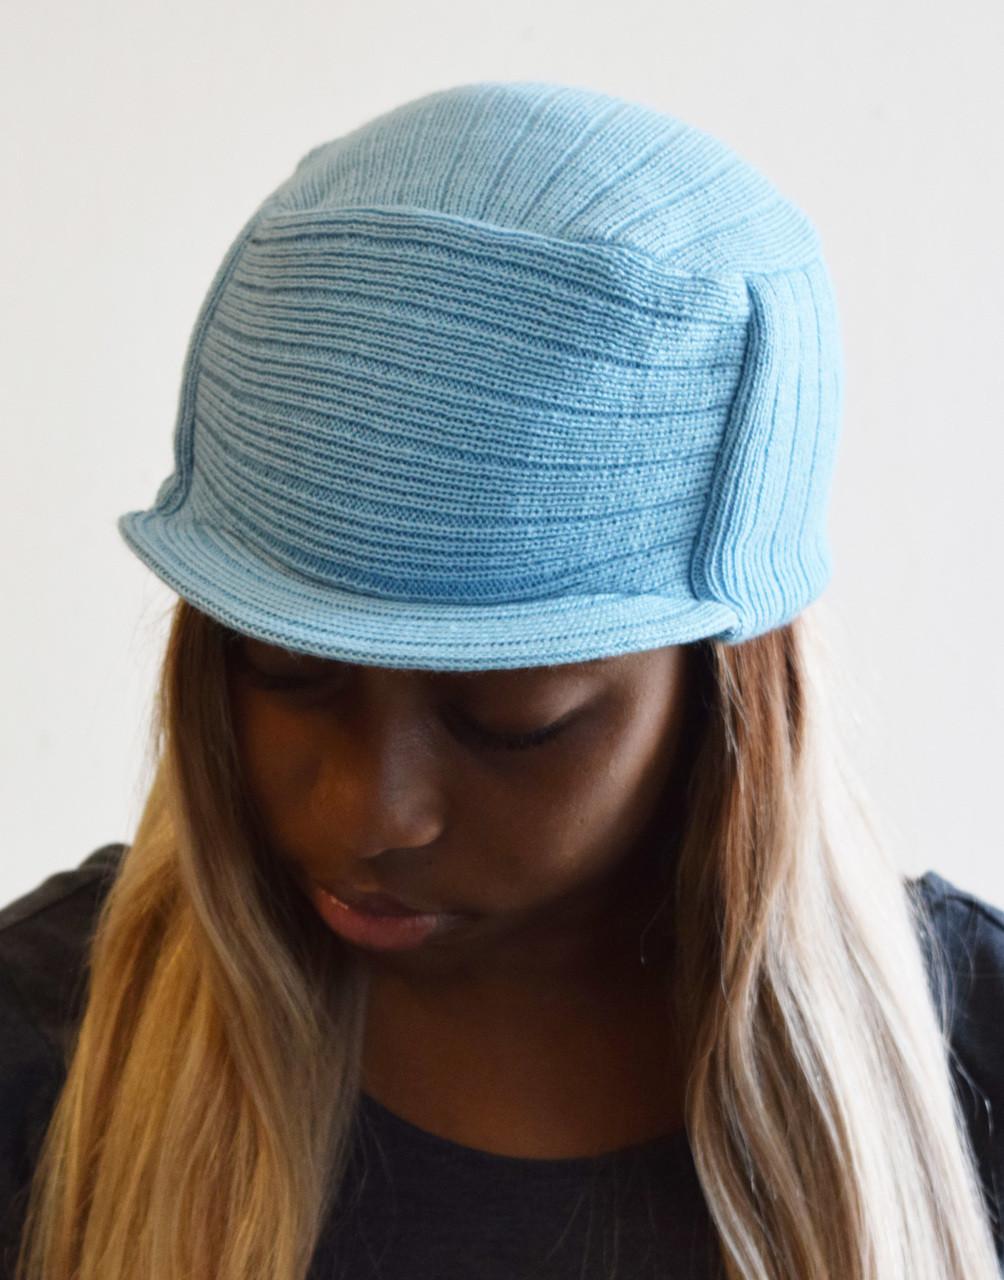 6bb84412b5da7 Sky Blue Knit Hat with Visor - Hip Hop Closet